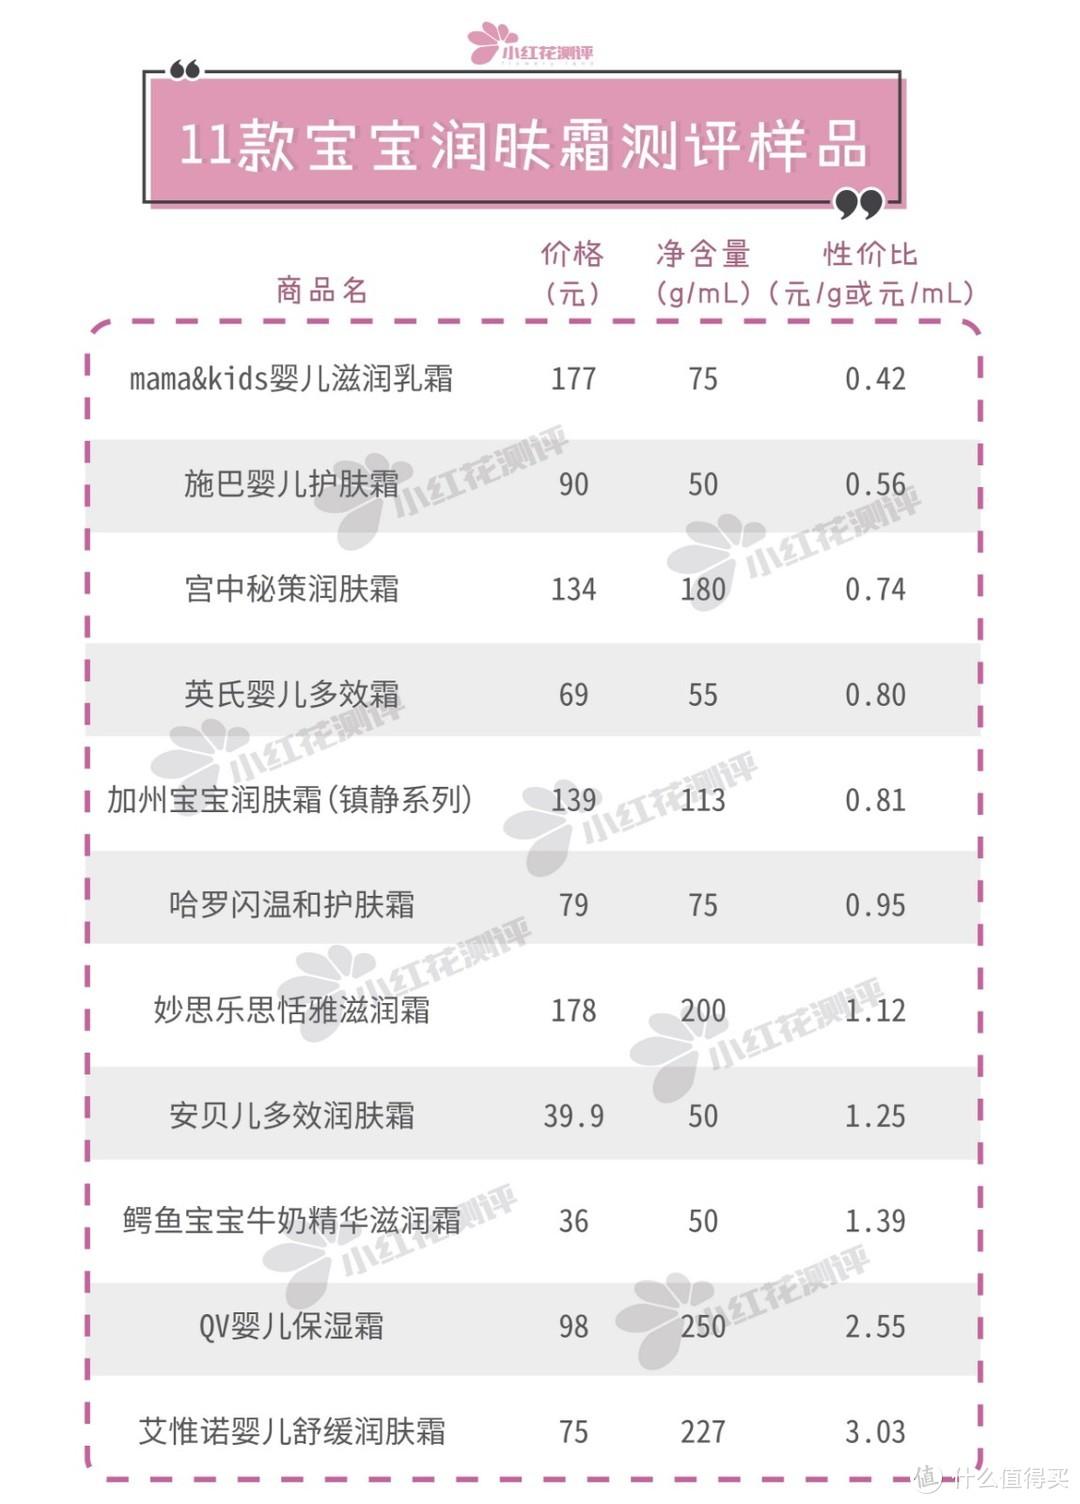 11款宝宝润肤霜测评:没推荐!QV、哈罗、加宝、m&k检出重金属